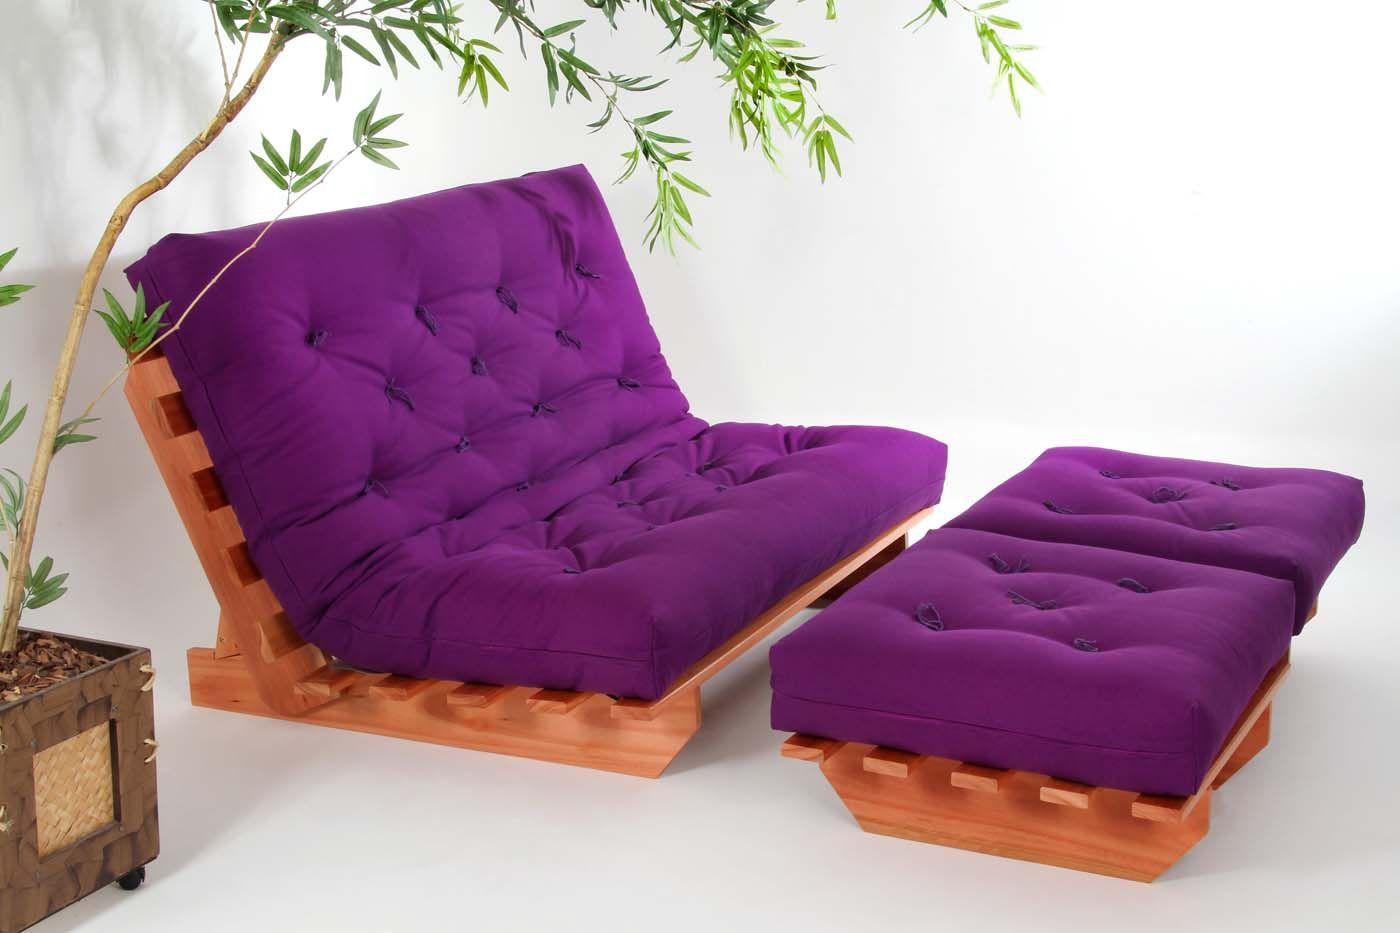 Sof cama futon modelo indiano casal tecido 100 algod o for Modelos sofas cama